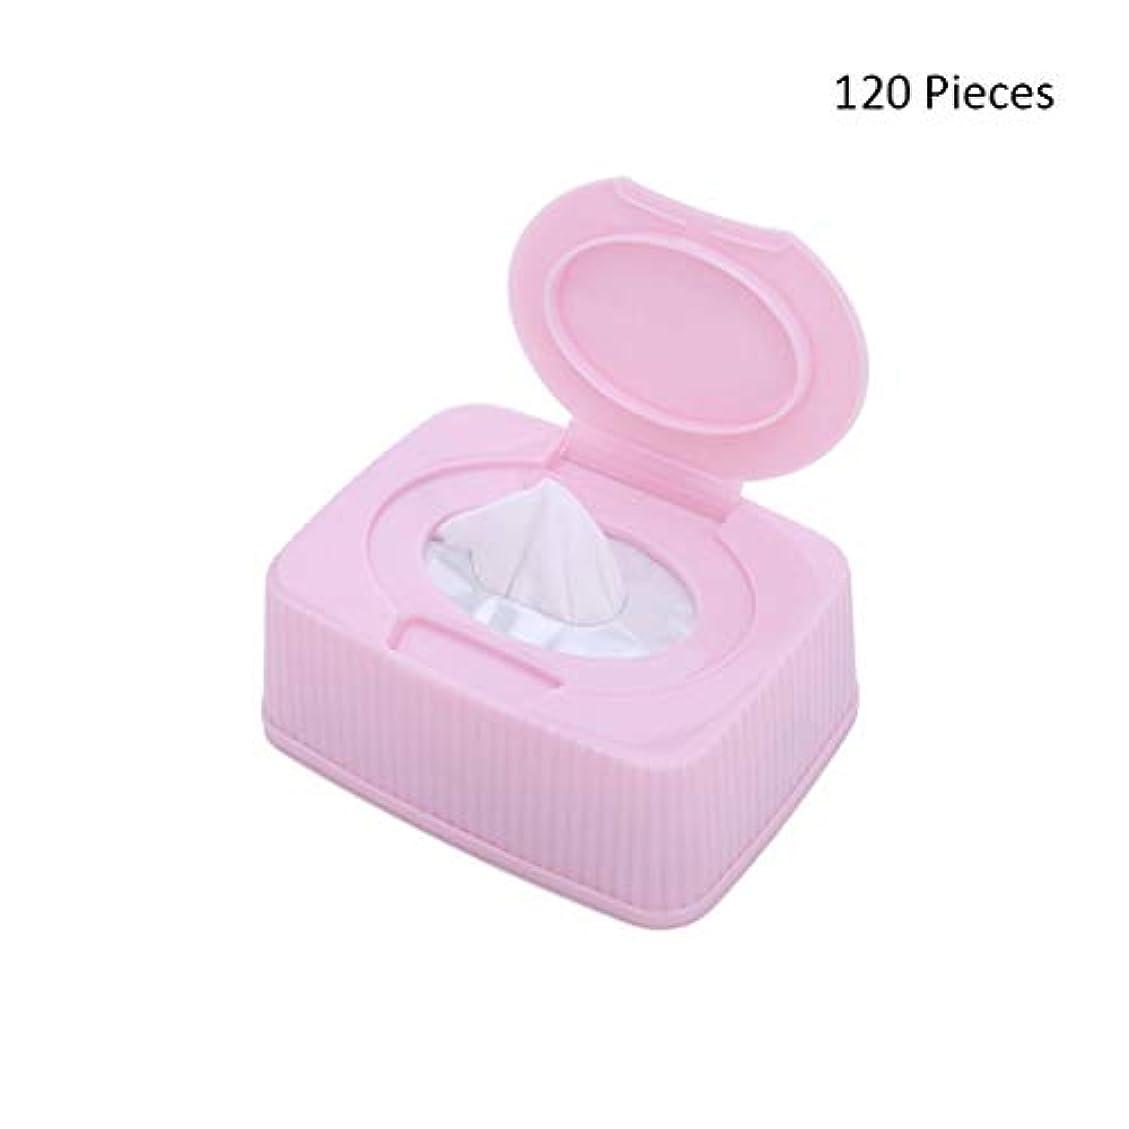 120ピース/ボックスフェイスメイク落としフェイシャル化粧品リムーバーパッドメイクアップコットンクリーナースキンケアワイプフェイスウォッシュコットンパッド (Color : Pink, サイズ : 120 pieces)